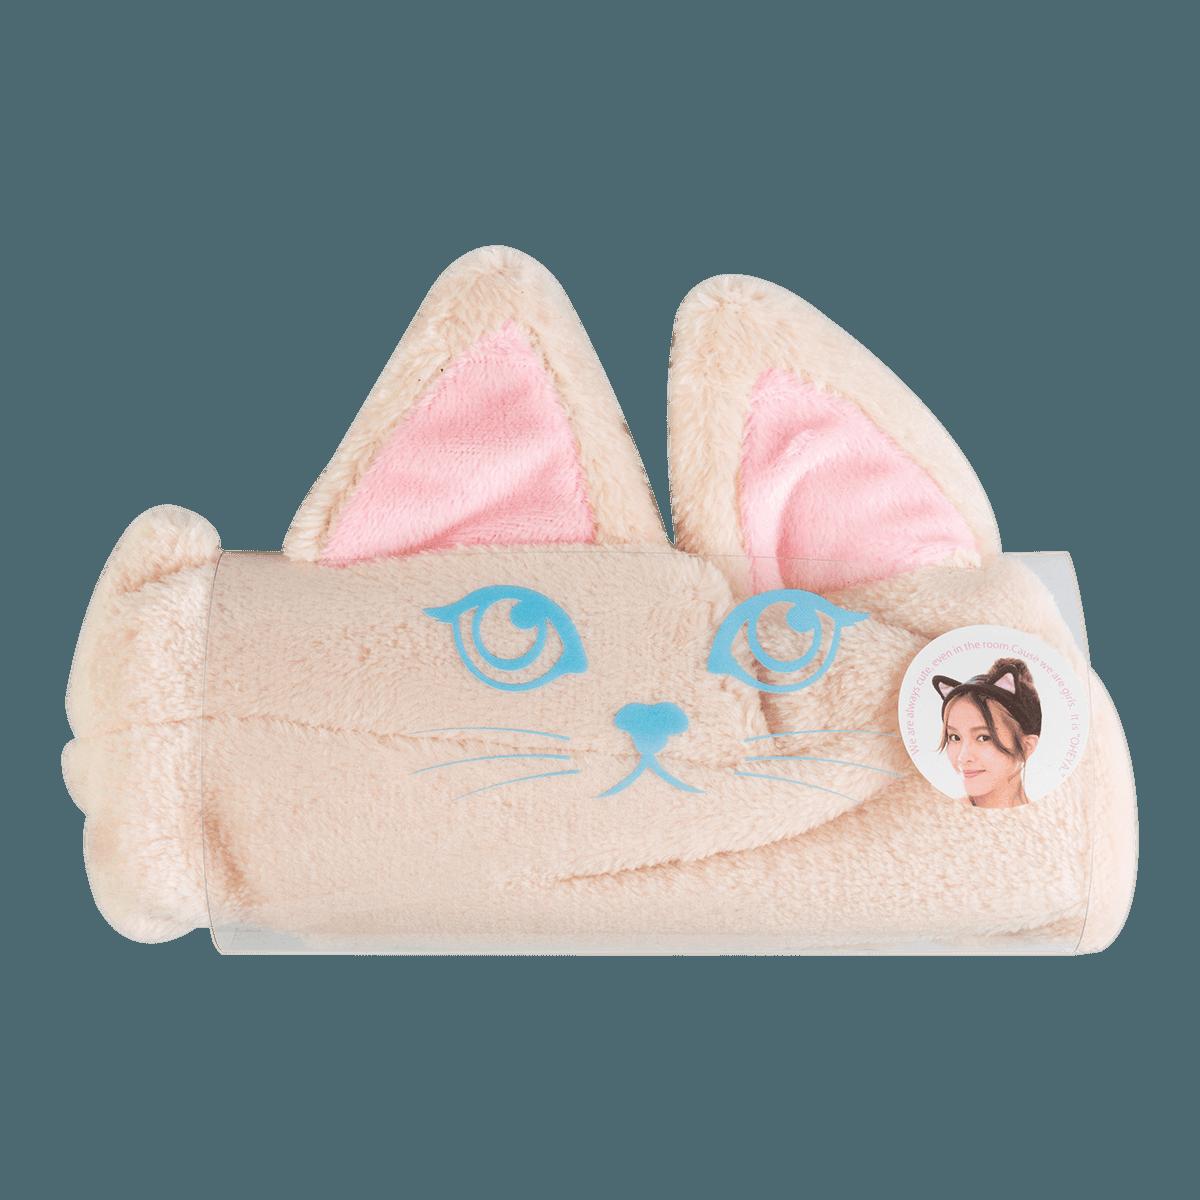 日本OHEYA MOKO MOKO 猫耳朵发带 #米色 单件入